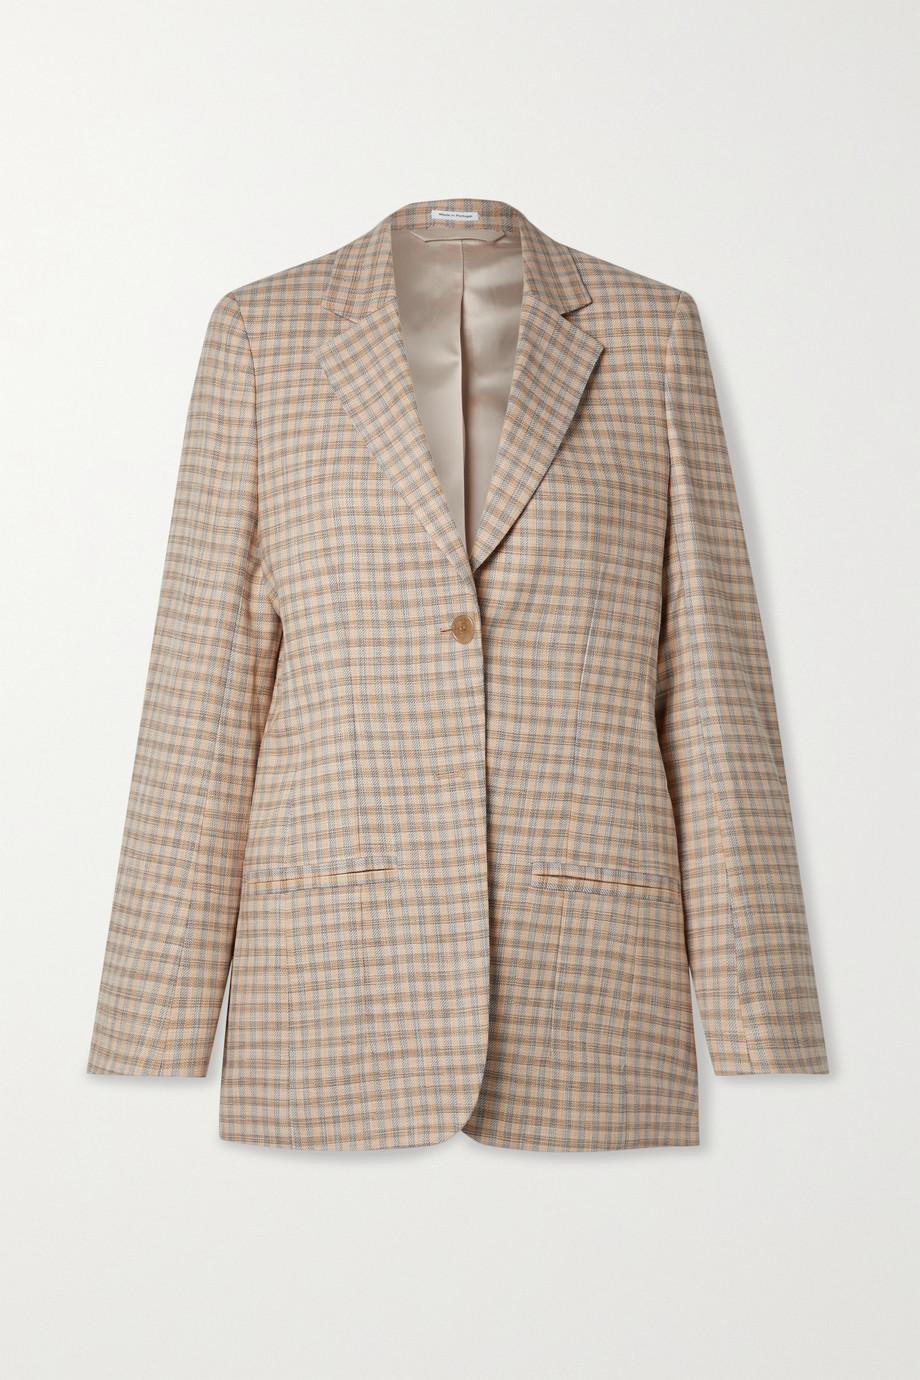 Acne Studios Blazer aus kariertem Tweed aus einer Baumwollmischung